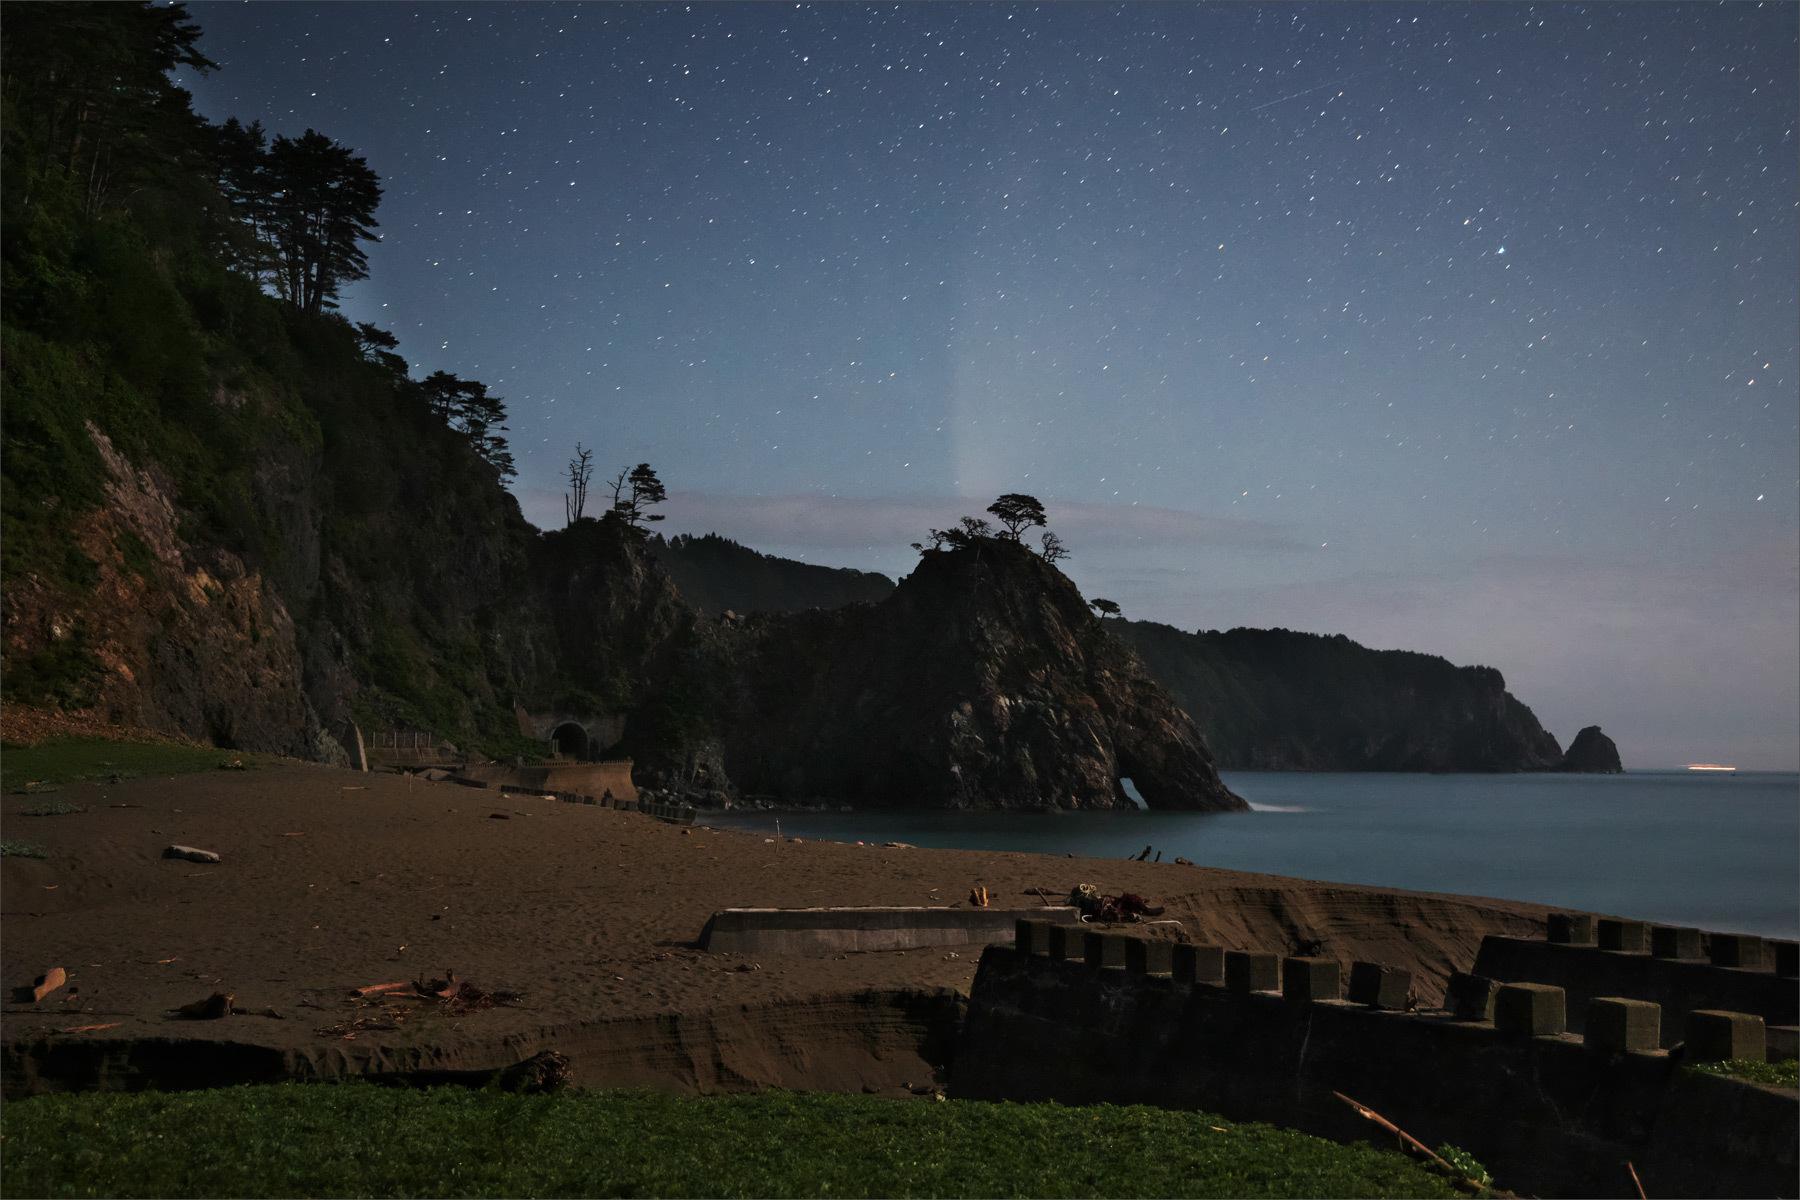 ネオワイズ彗星 (C/2020F3) 7月14日撮影 岩手県 Vol.3 END_b0191074_21325541.jpg